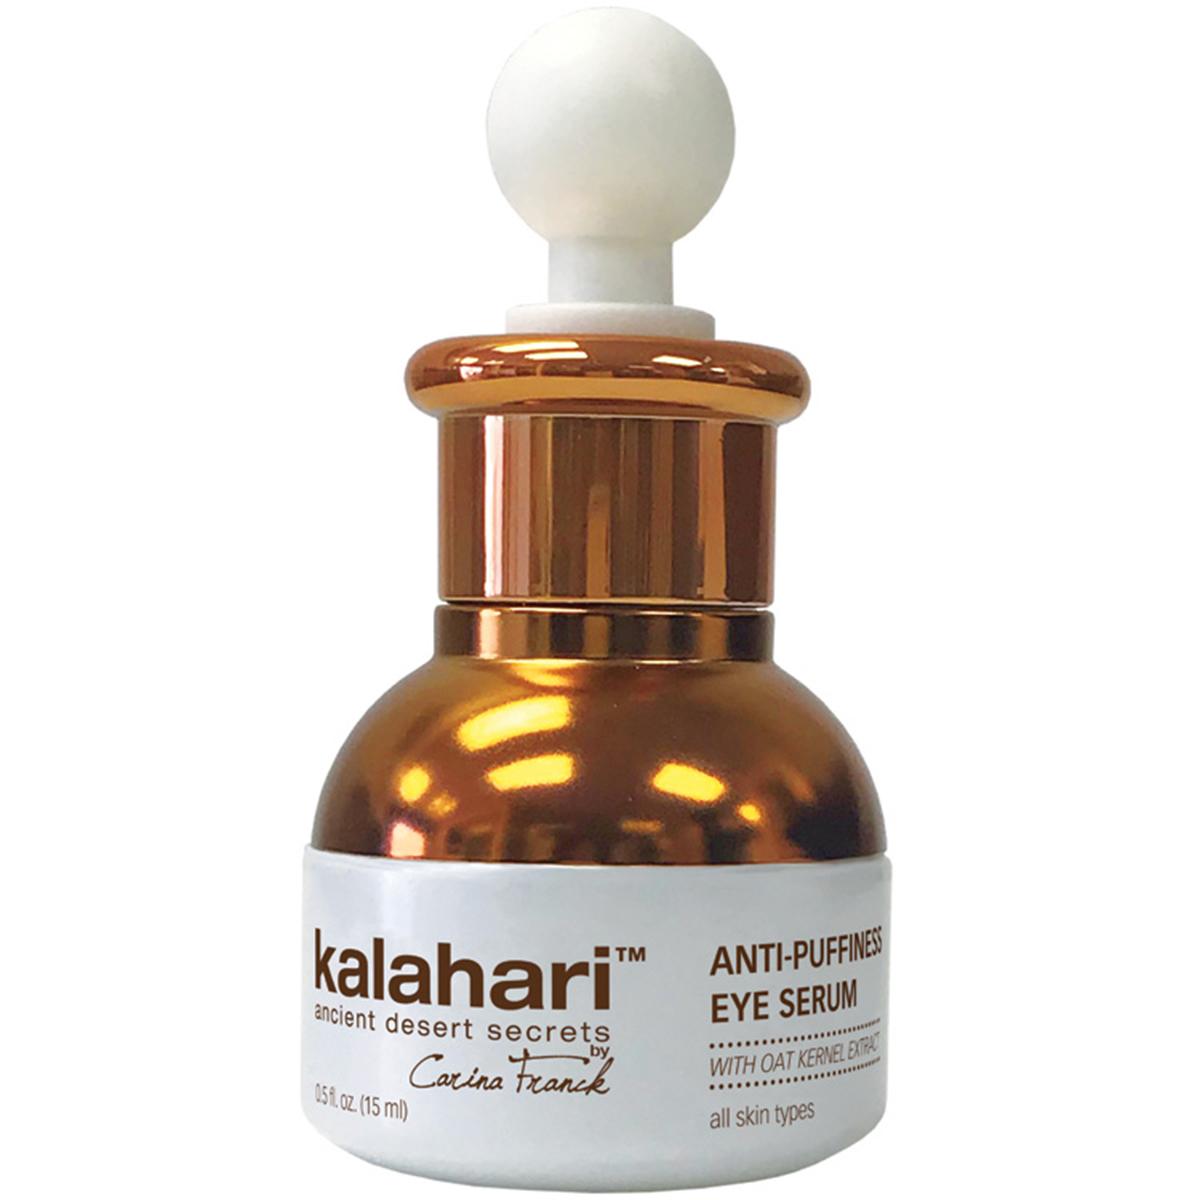 Kalahari Anti-Puffiness Eye Serum (15ml)